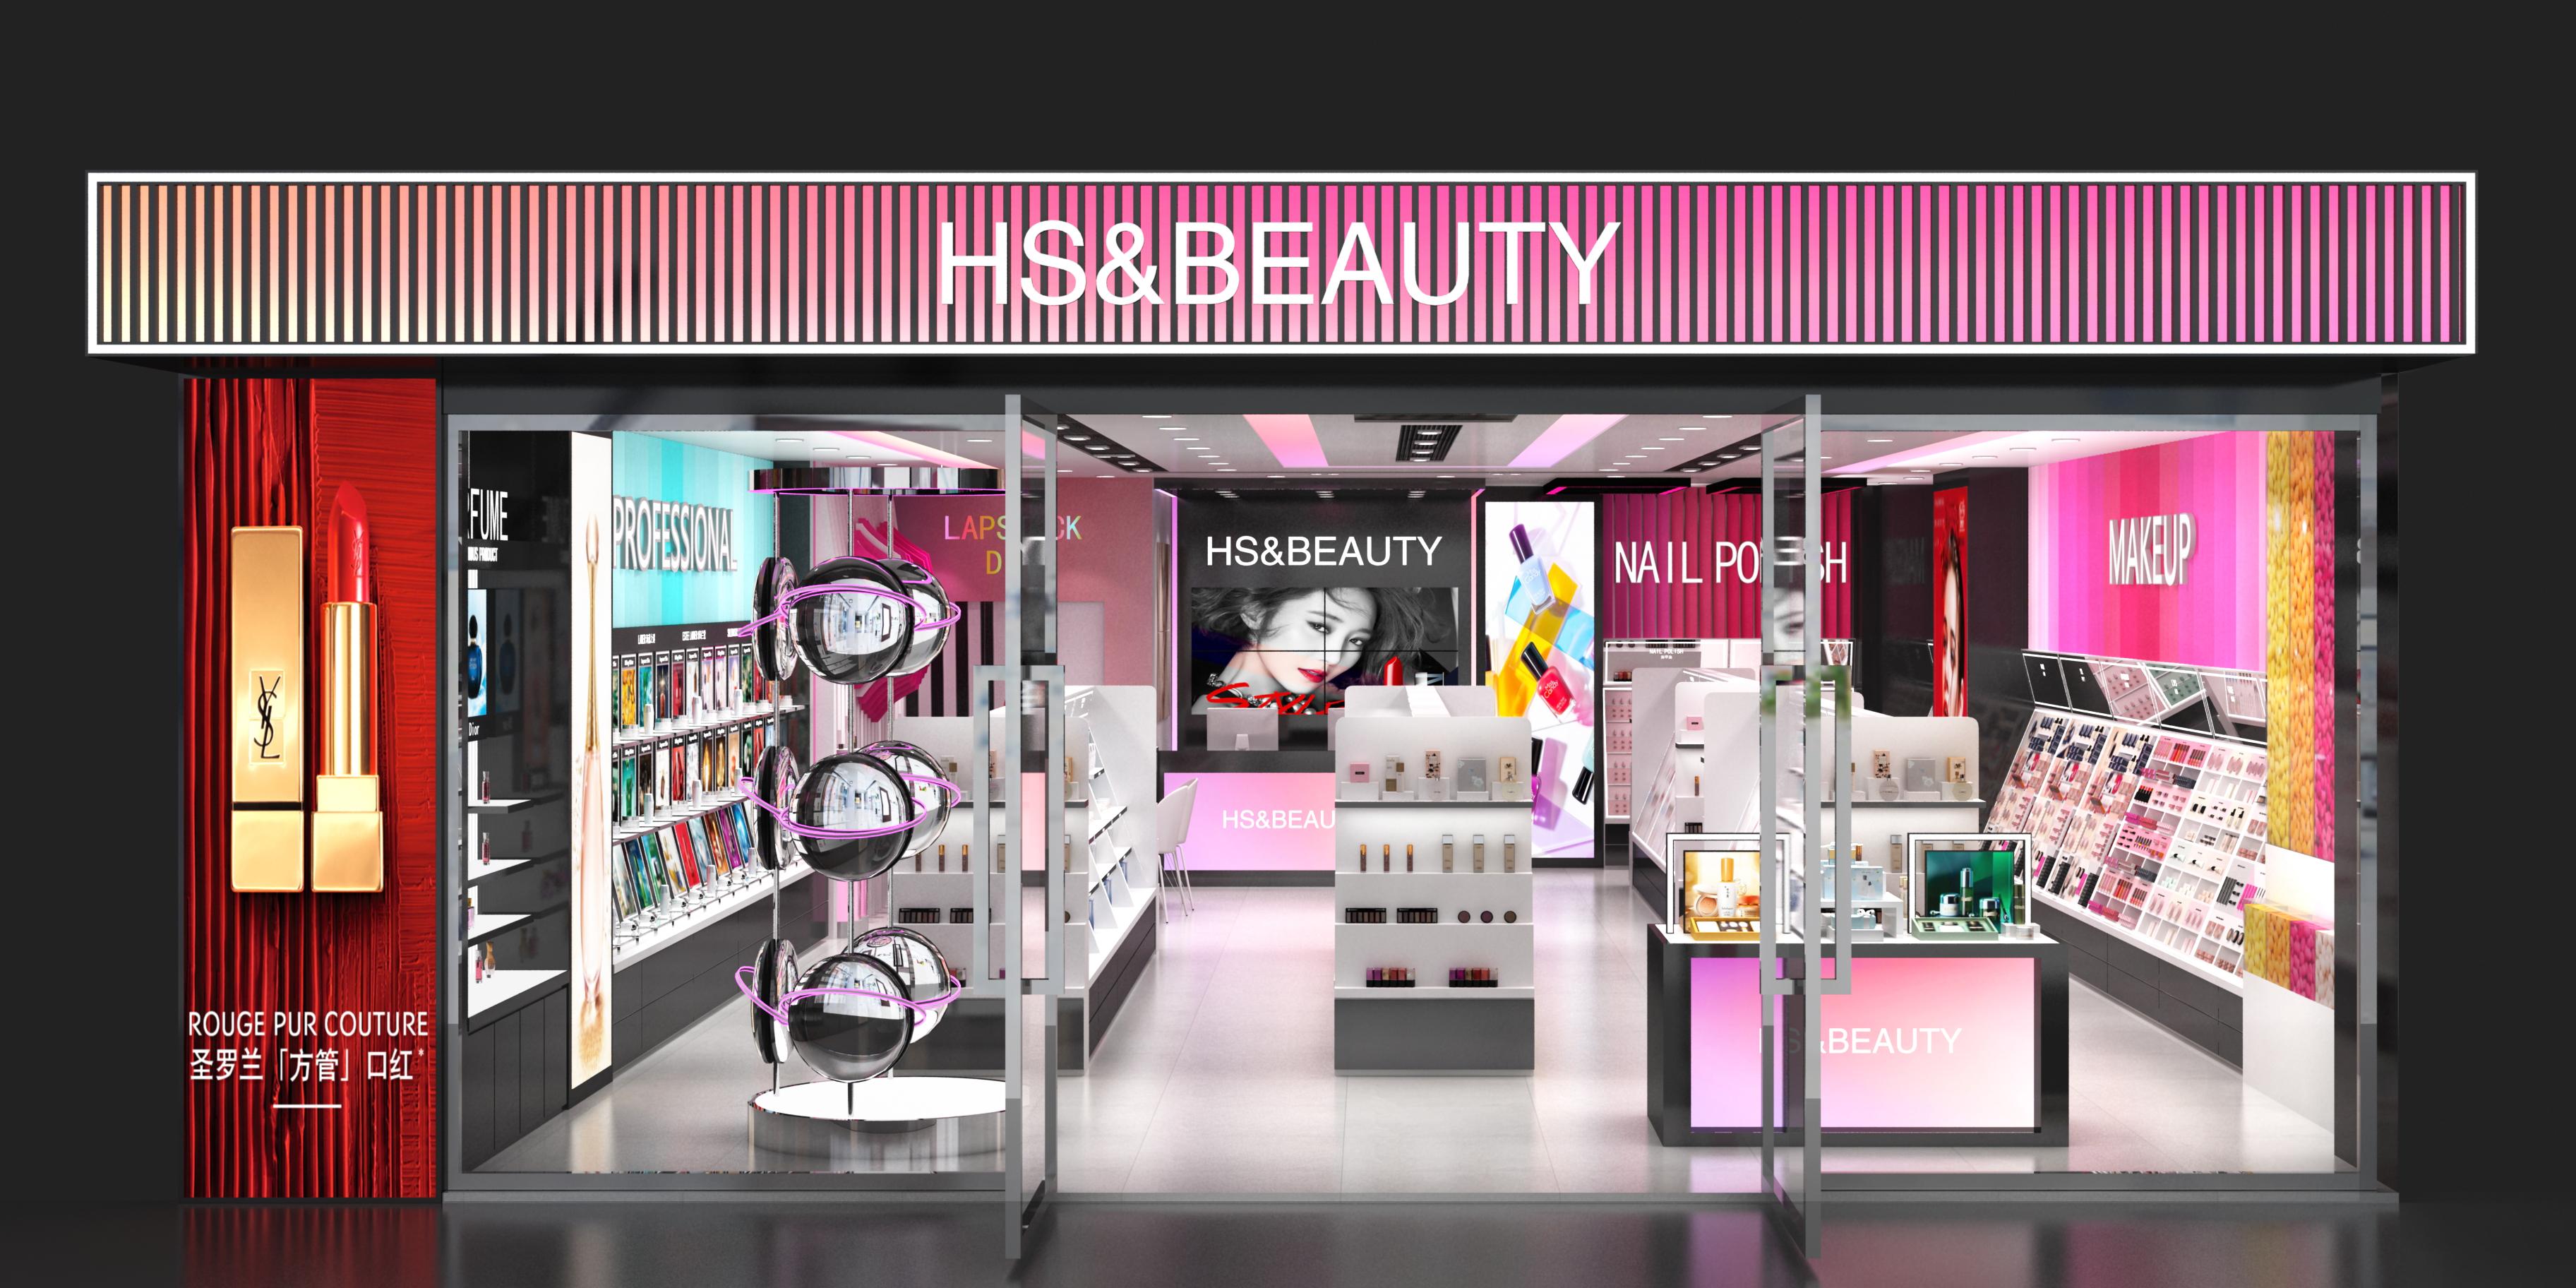 2020开店创业 加盟卉舍丽人进口化妆品加盟店